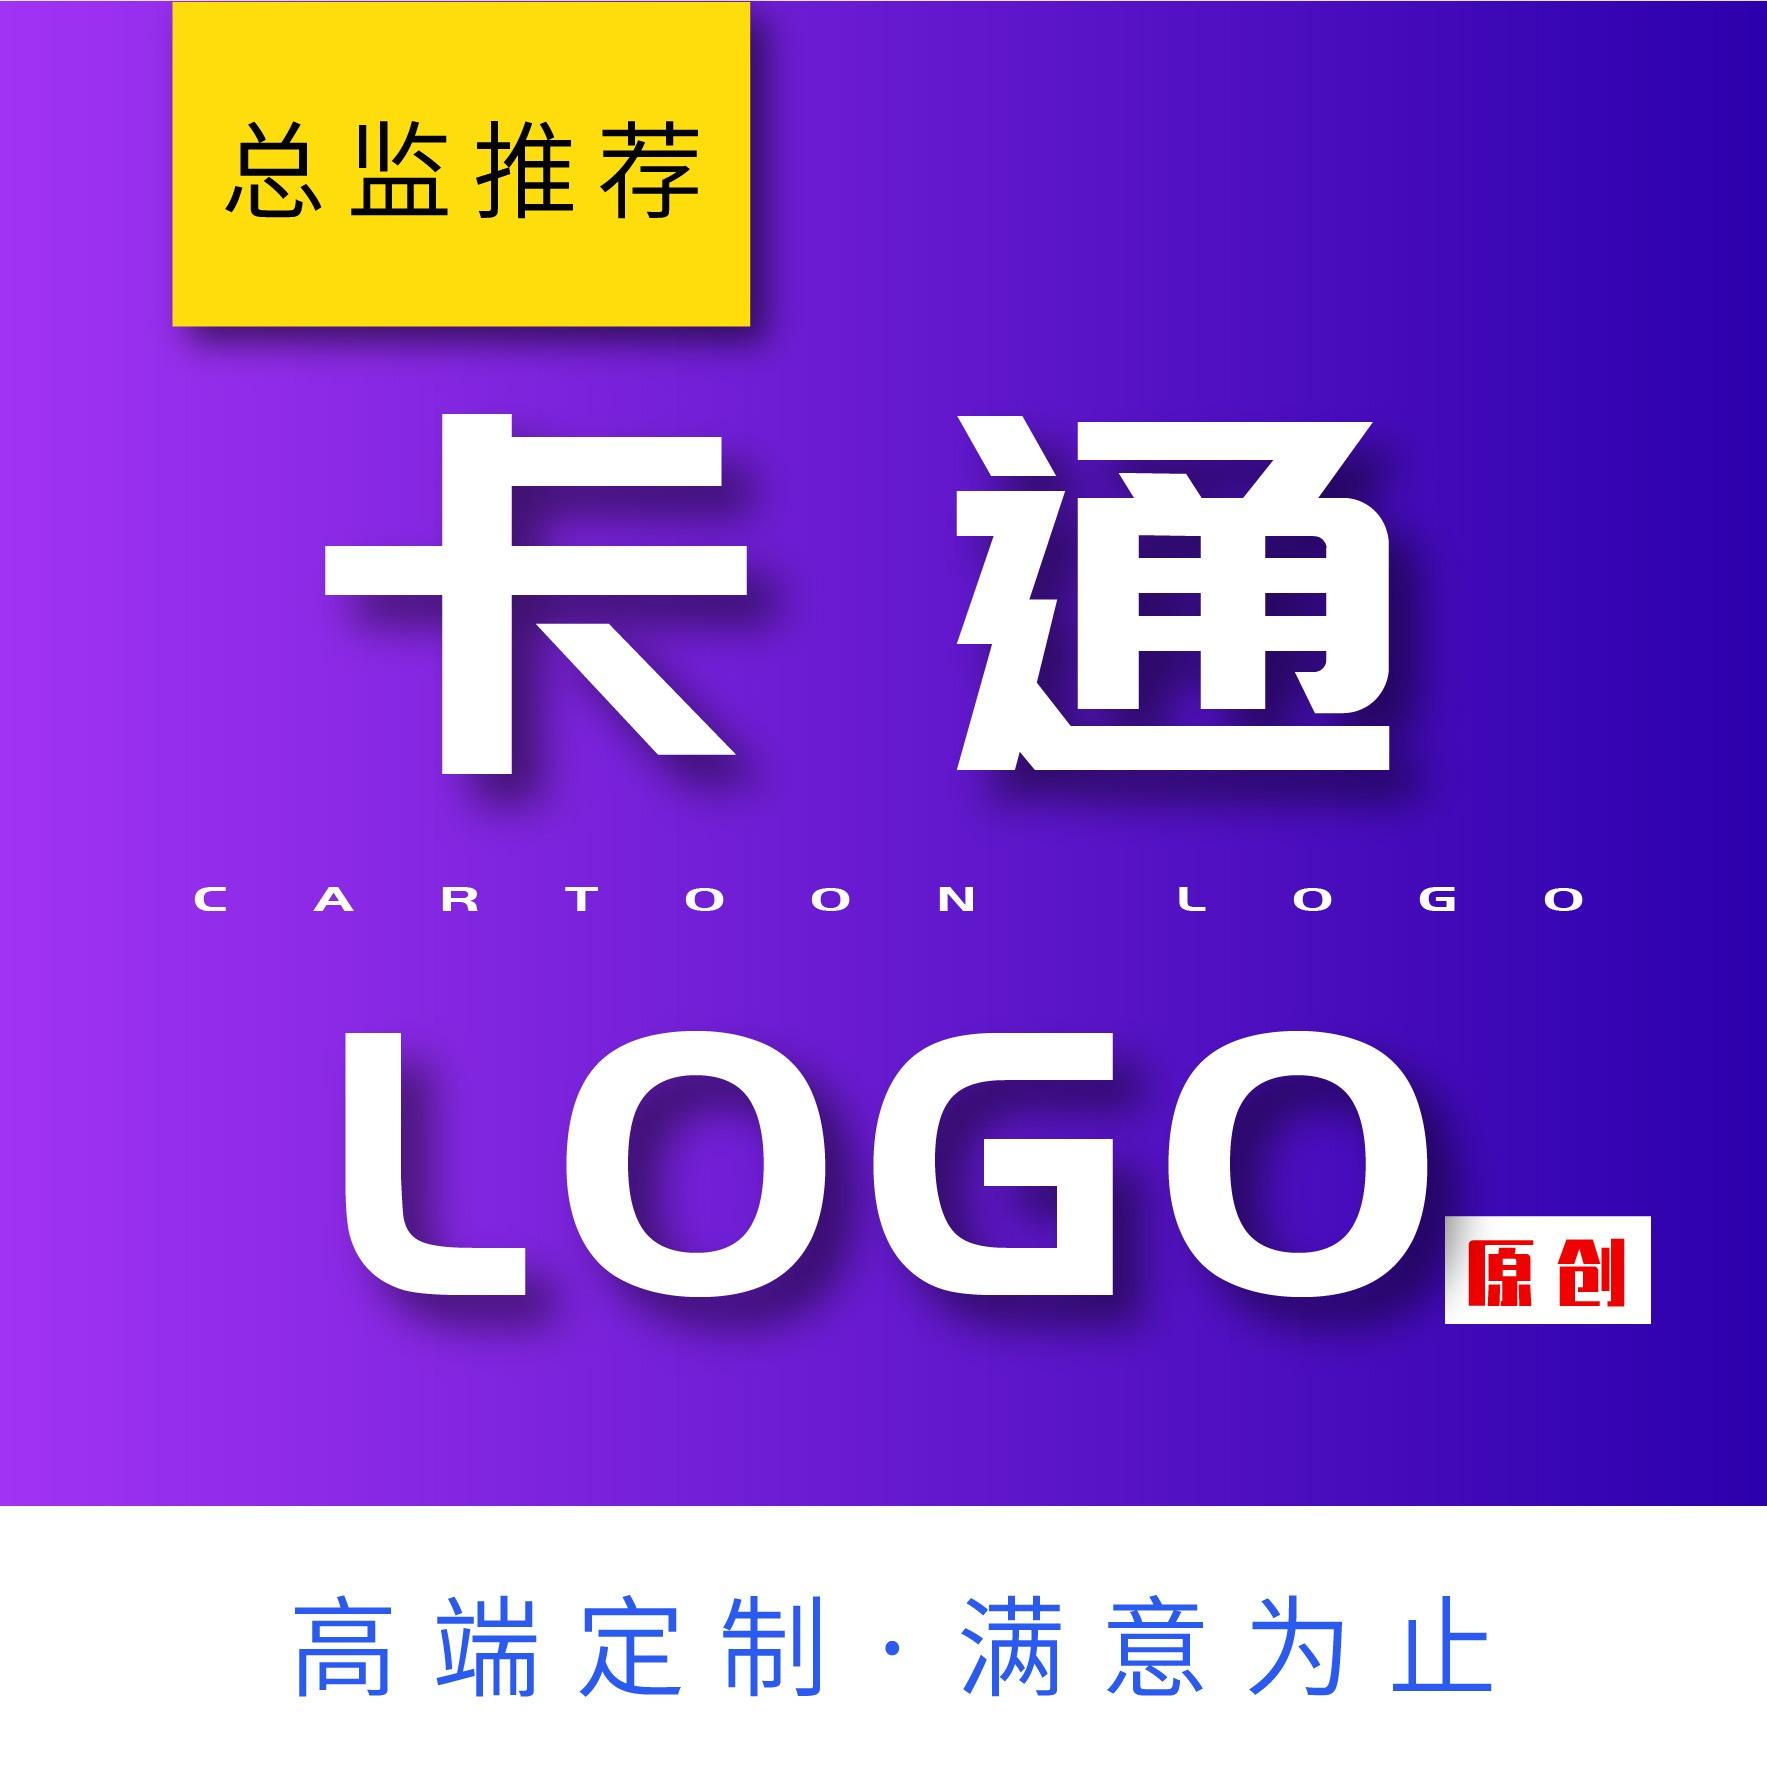 企业协会产品网站网店微店婚礼宴会门店商城社群 logo 设计